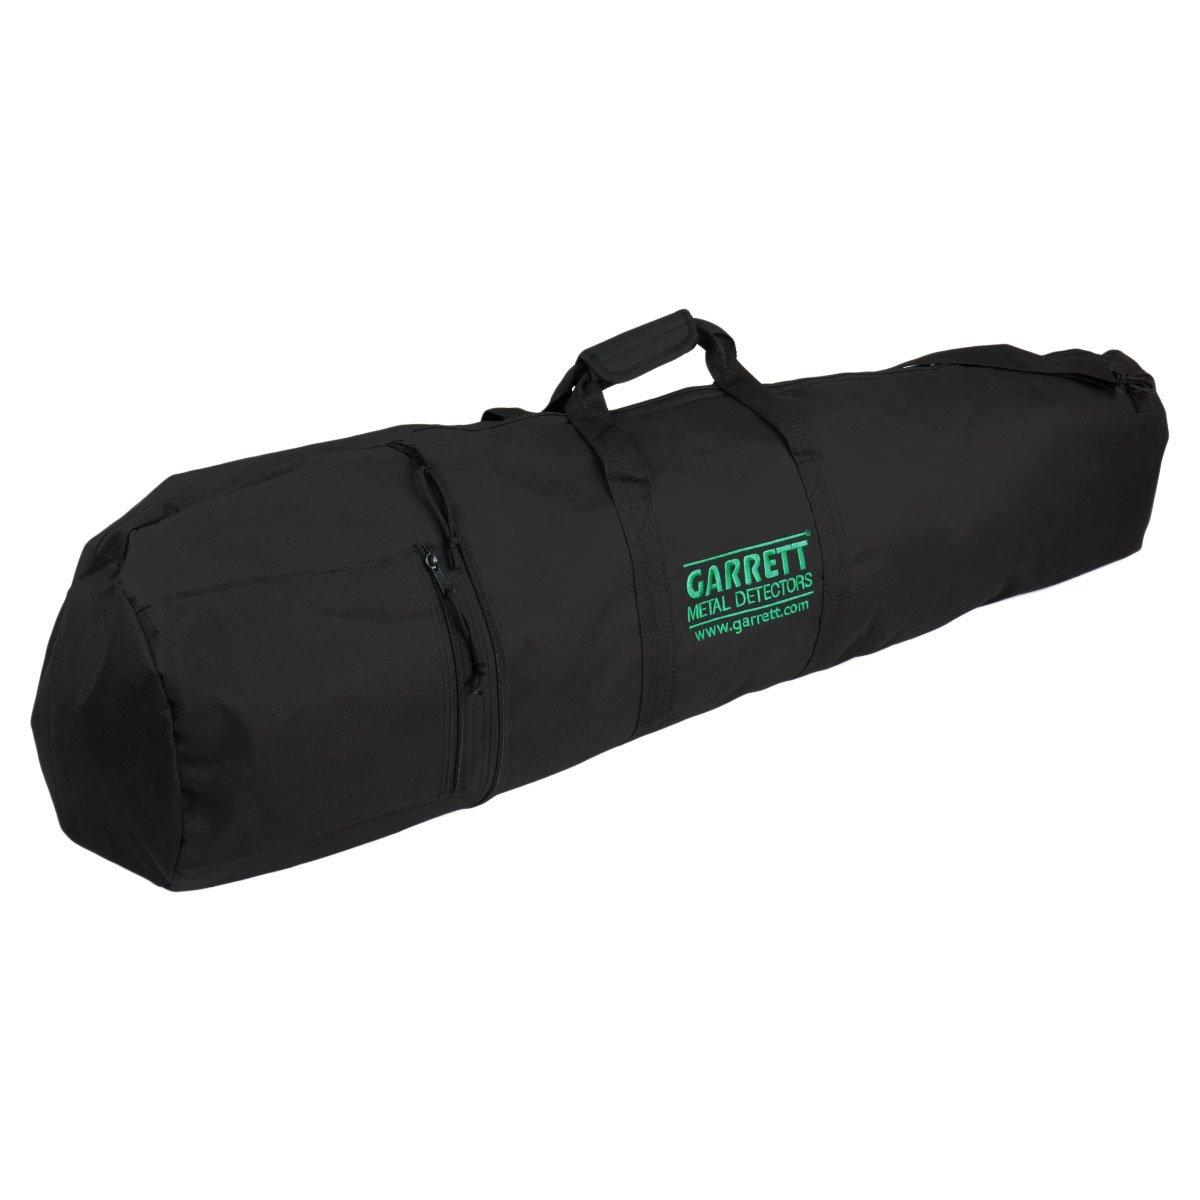 Garrrett All Purpose Metal Detecting Carry Bag (50'' new version)